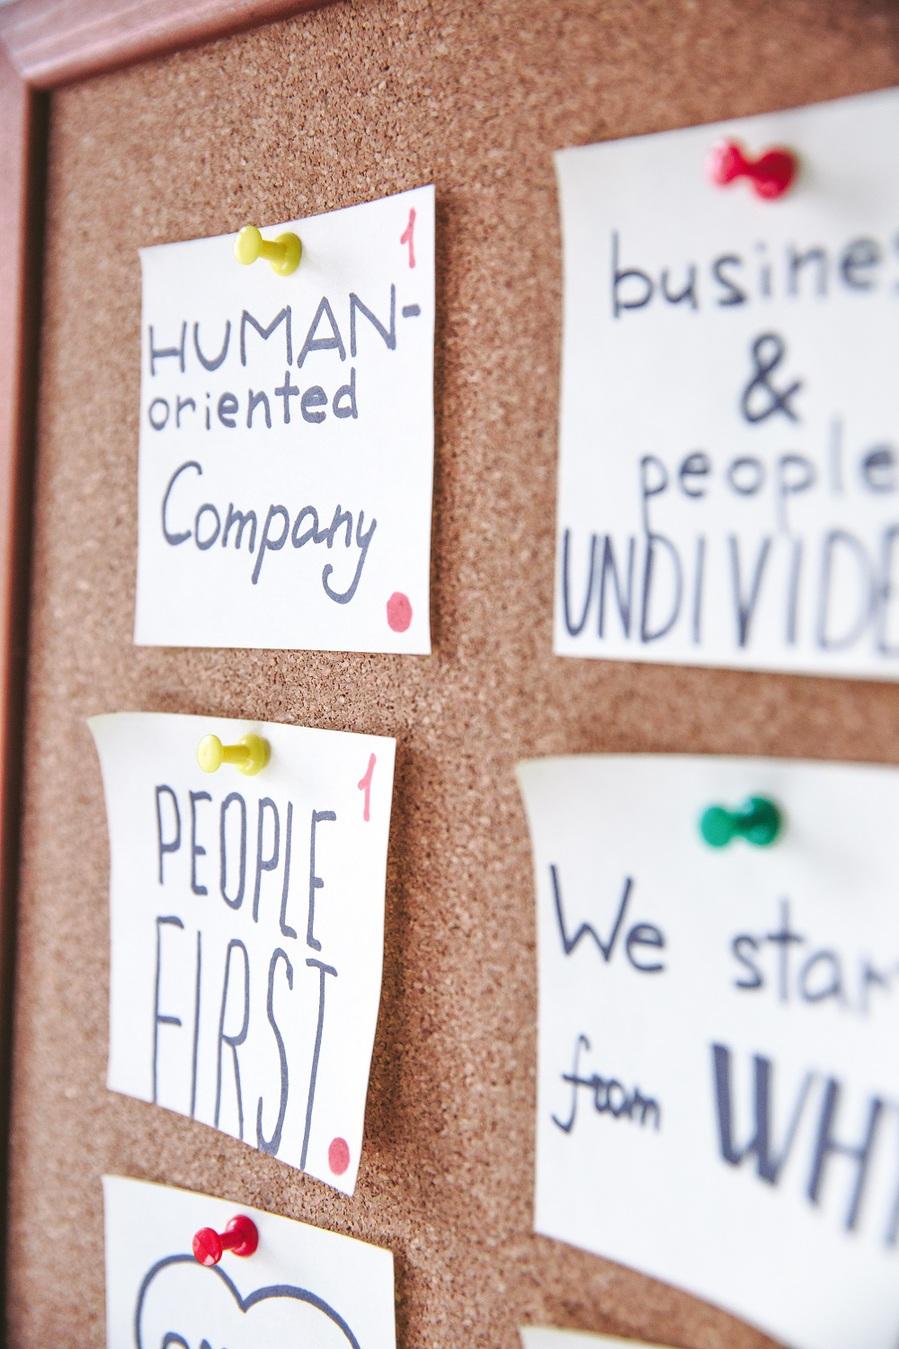 bedrijfsstrategie notities op een bord